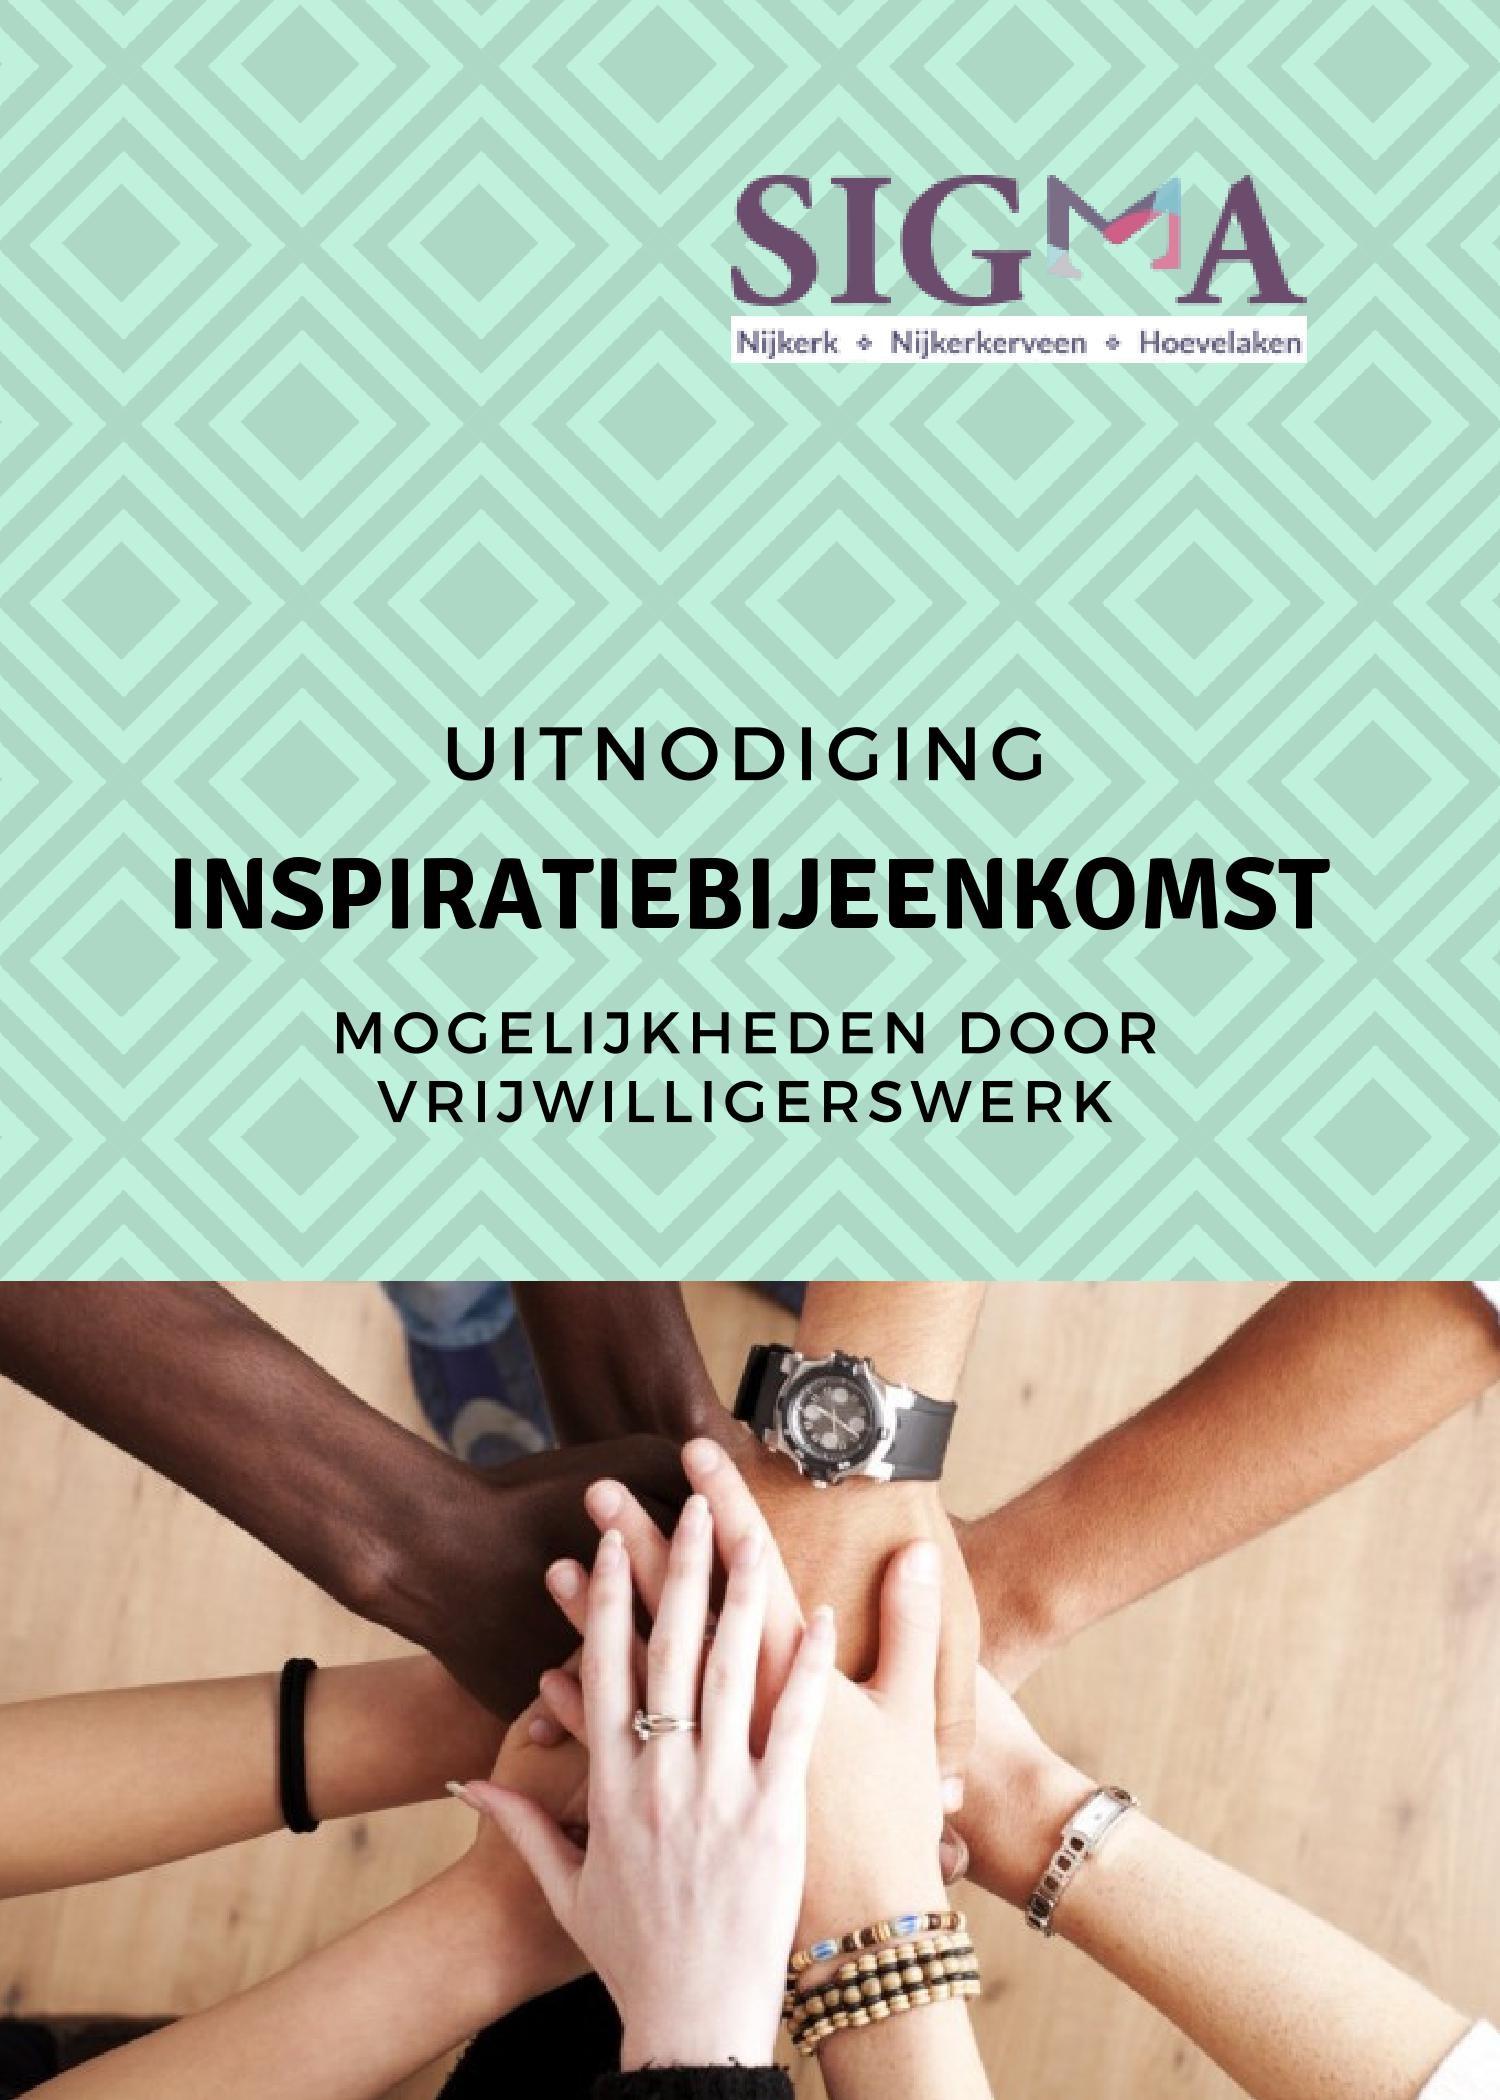 Uitnodiging inspiratiebijeenkomst: mogelijkheden door vrijwilligerswerk